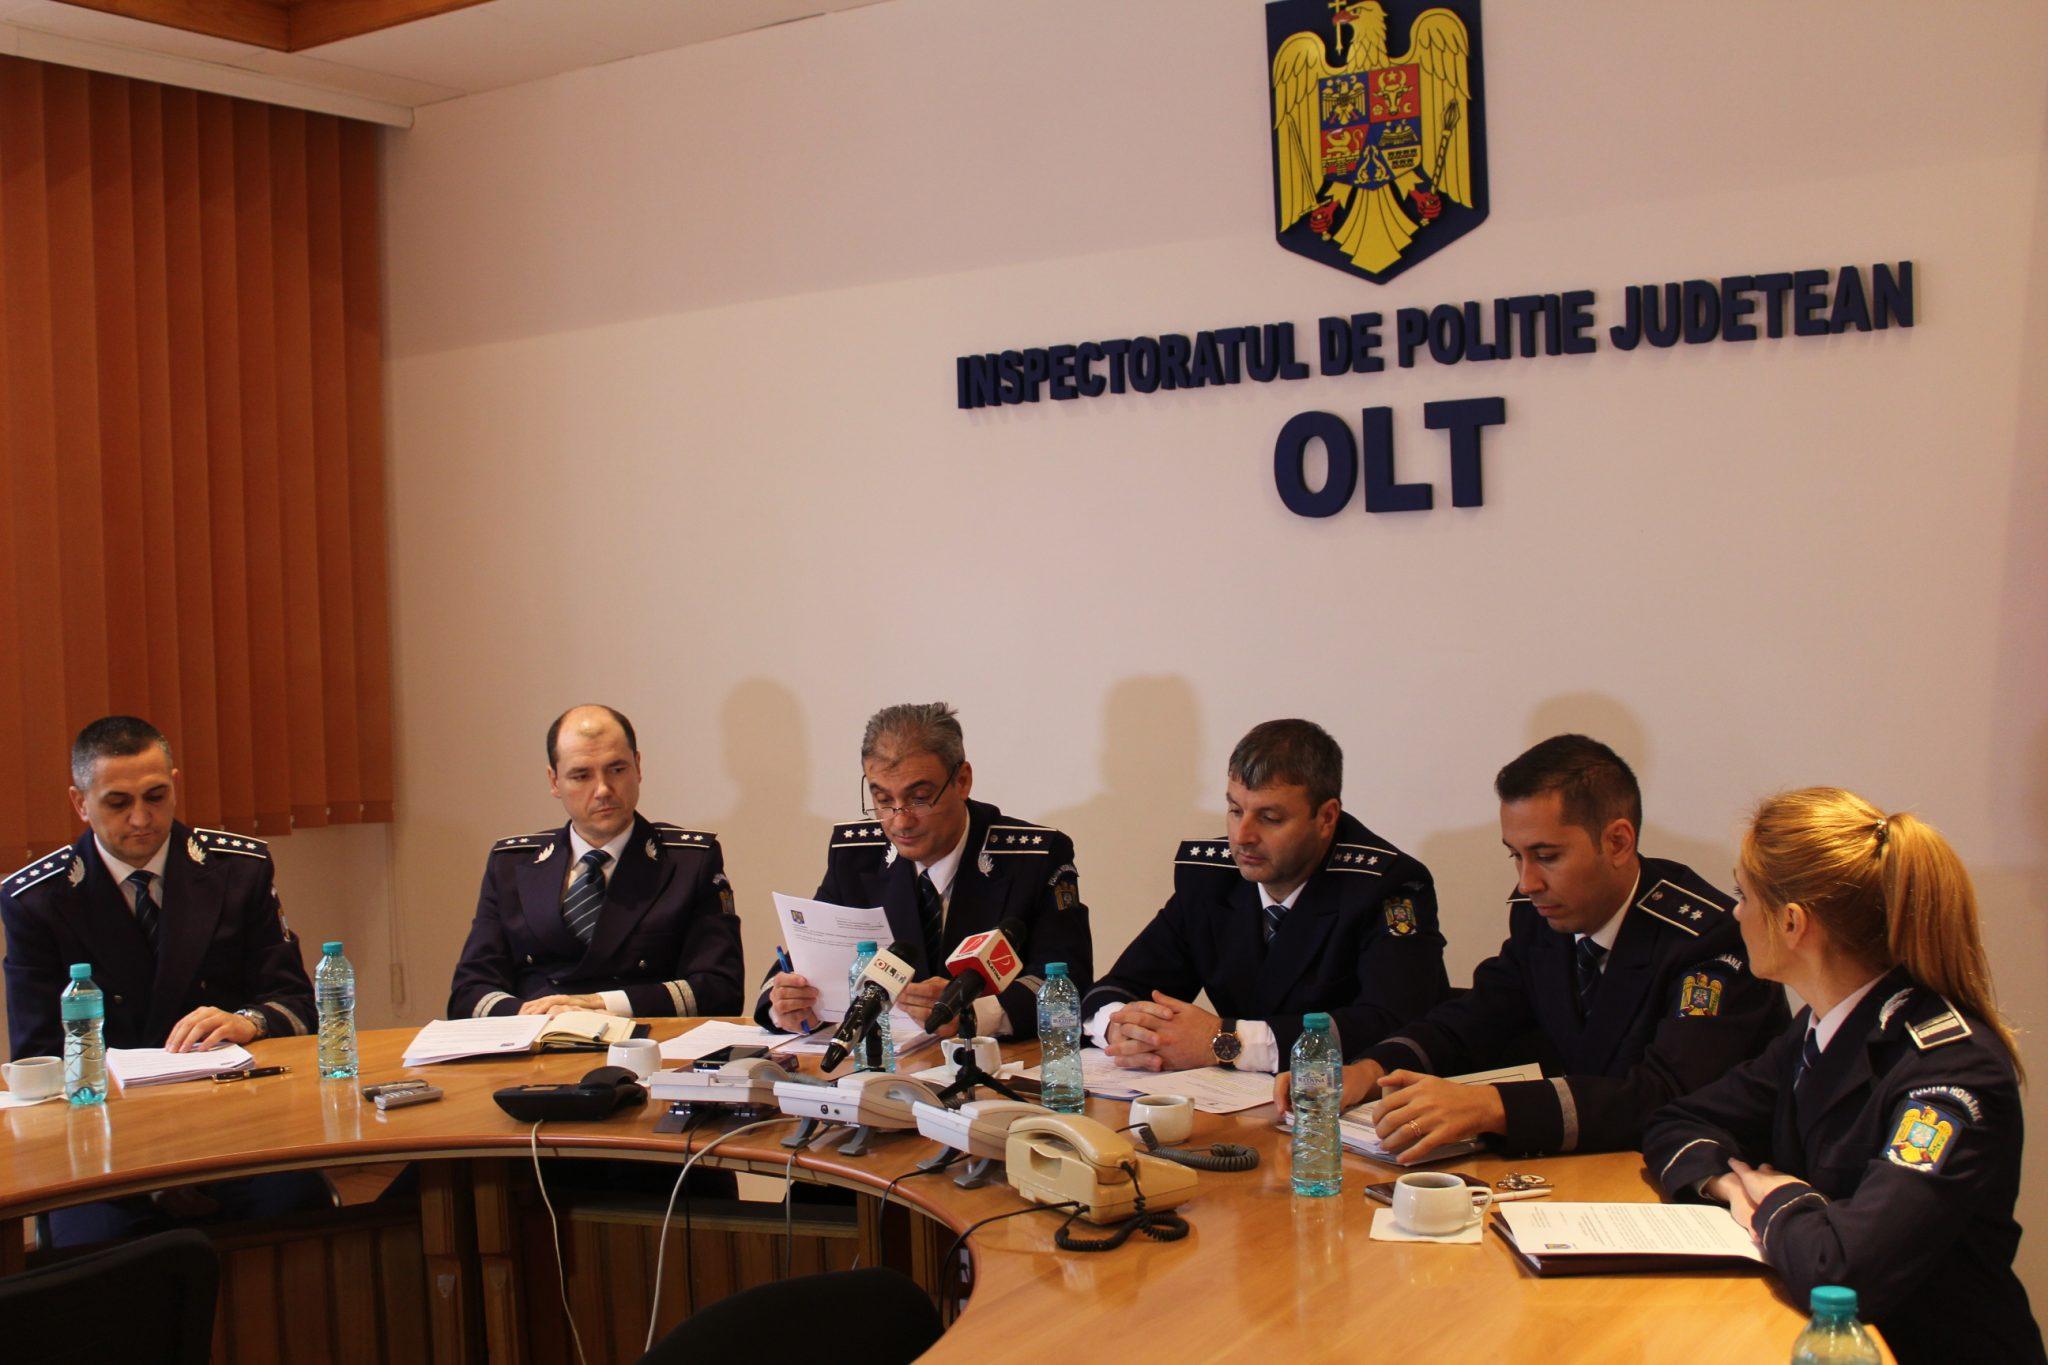 IPJ Olt, cercetare în cazul poliţistului bătut la Spineni